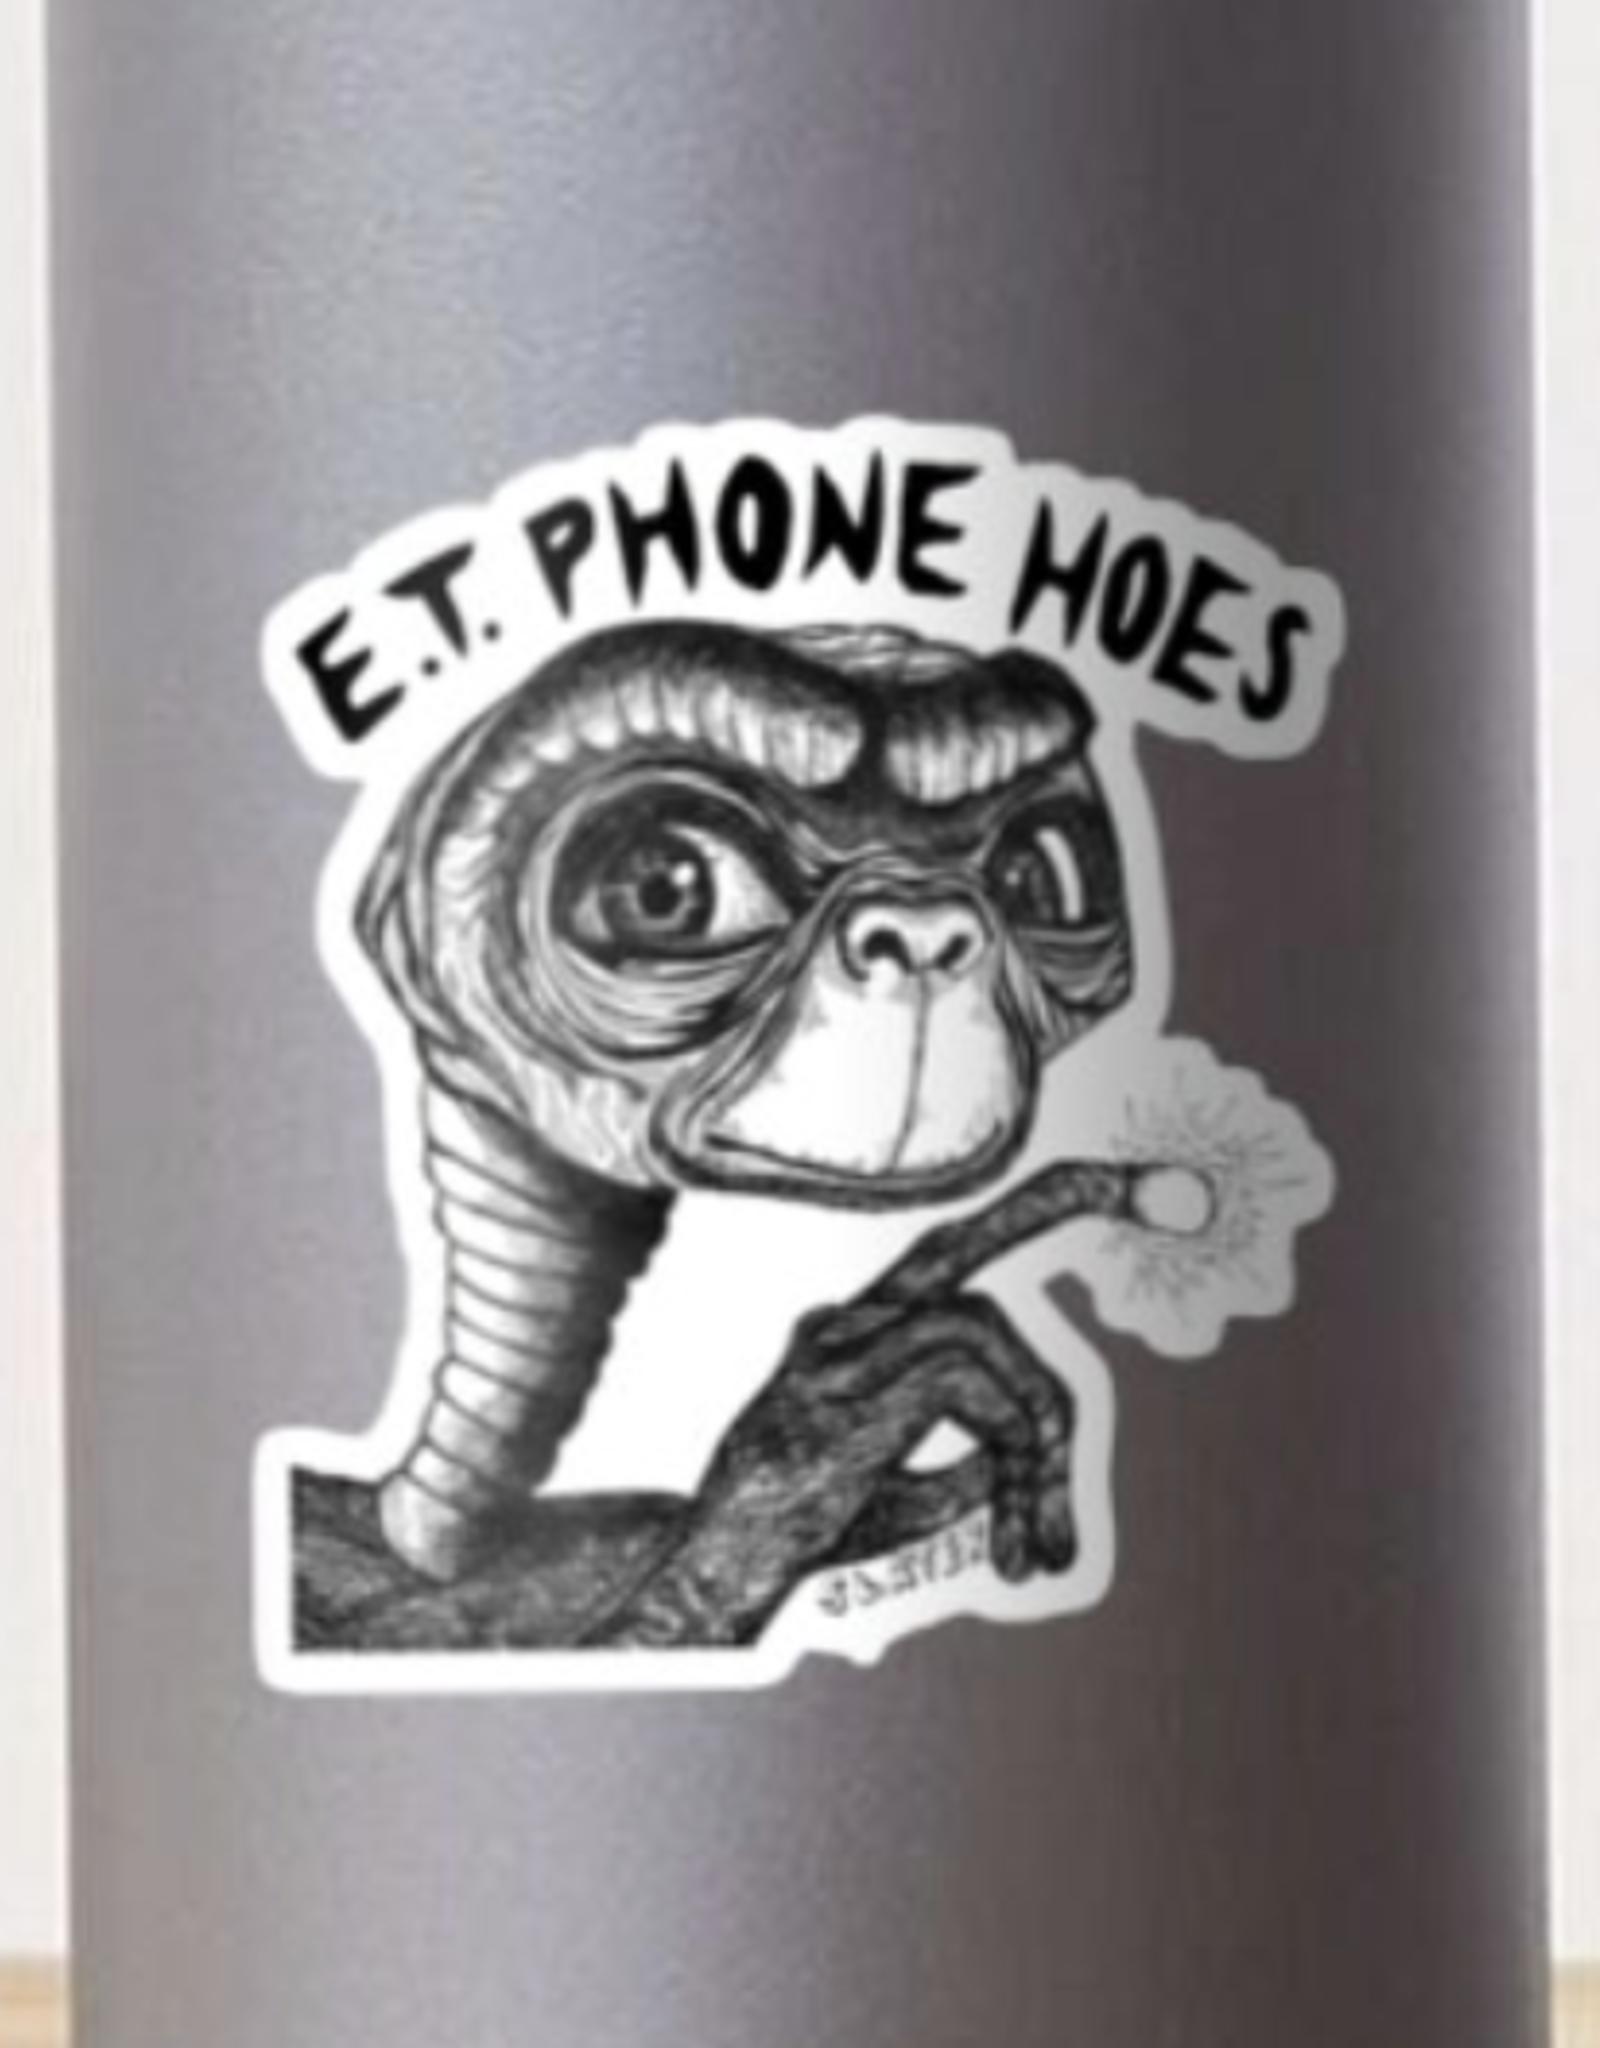 ET Phone Hoes Sticker